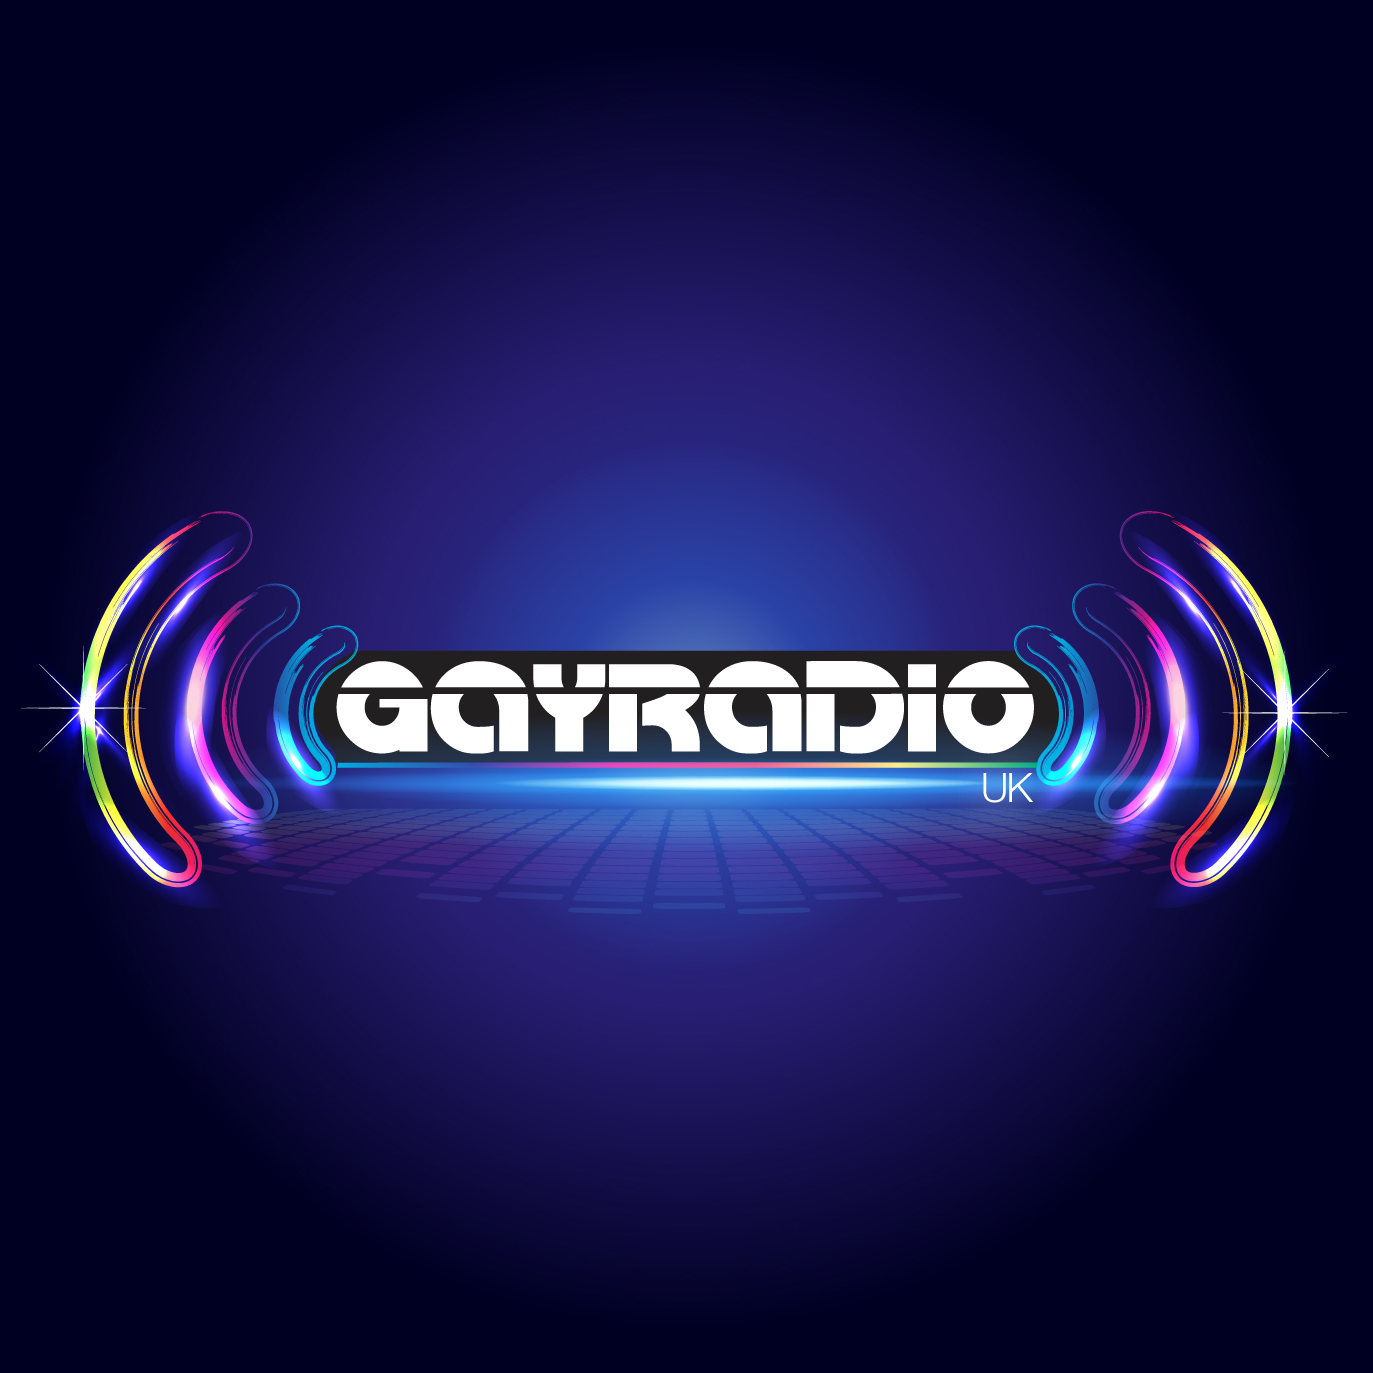 Gay Radio UK